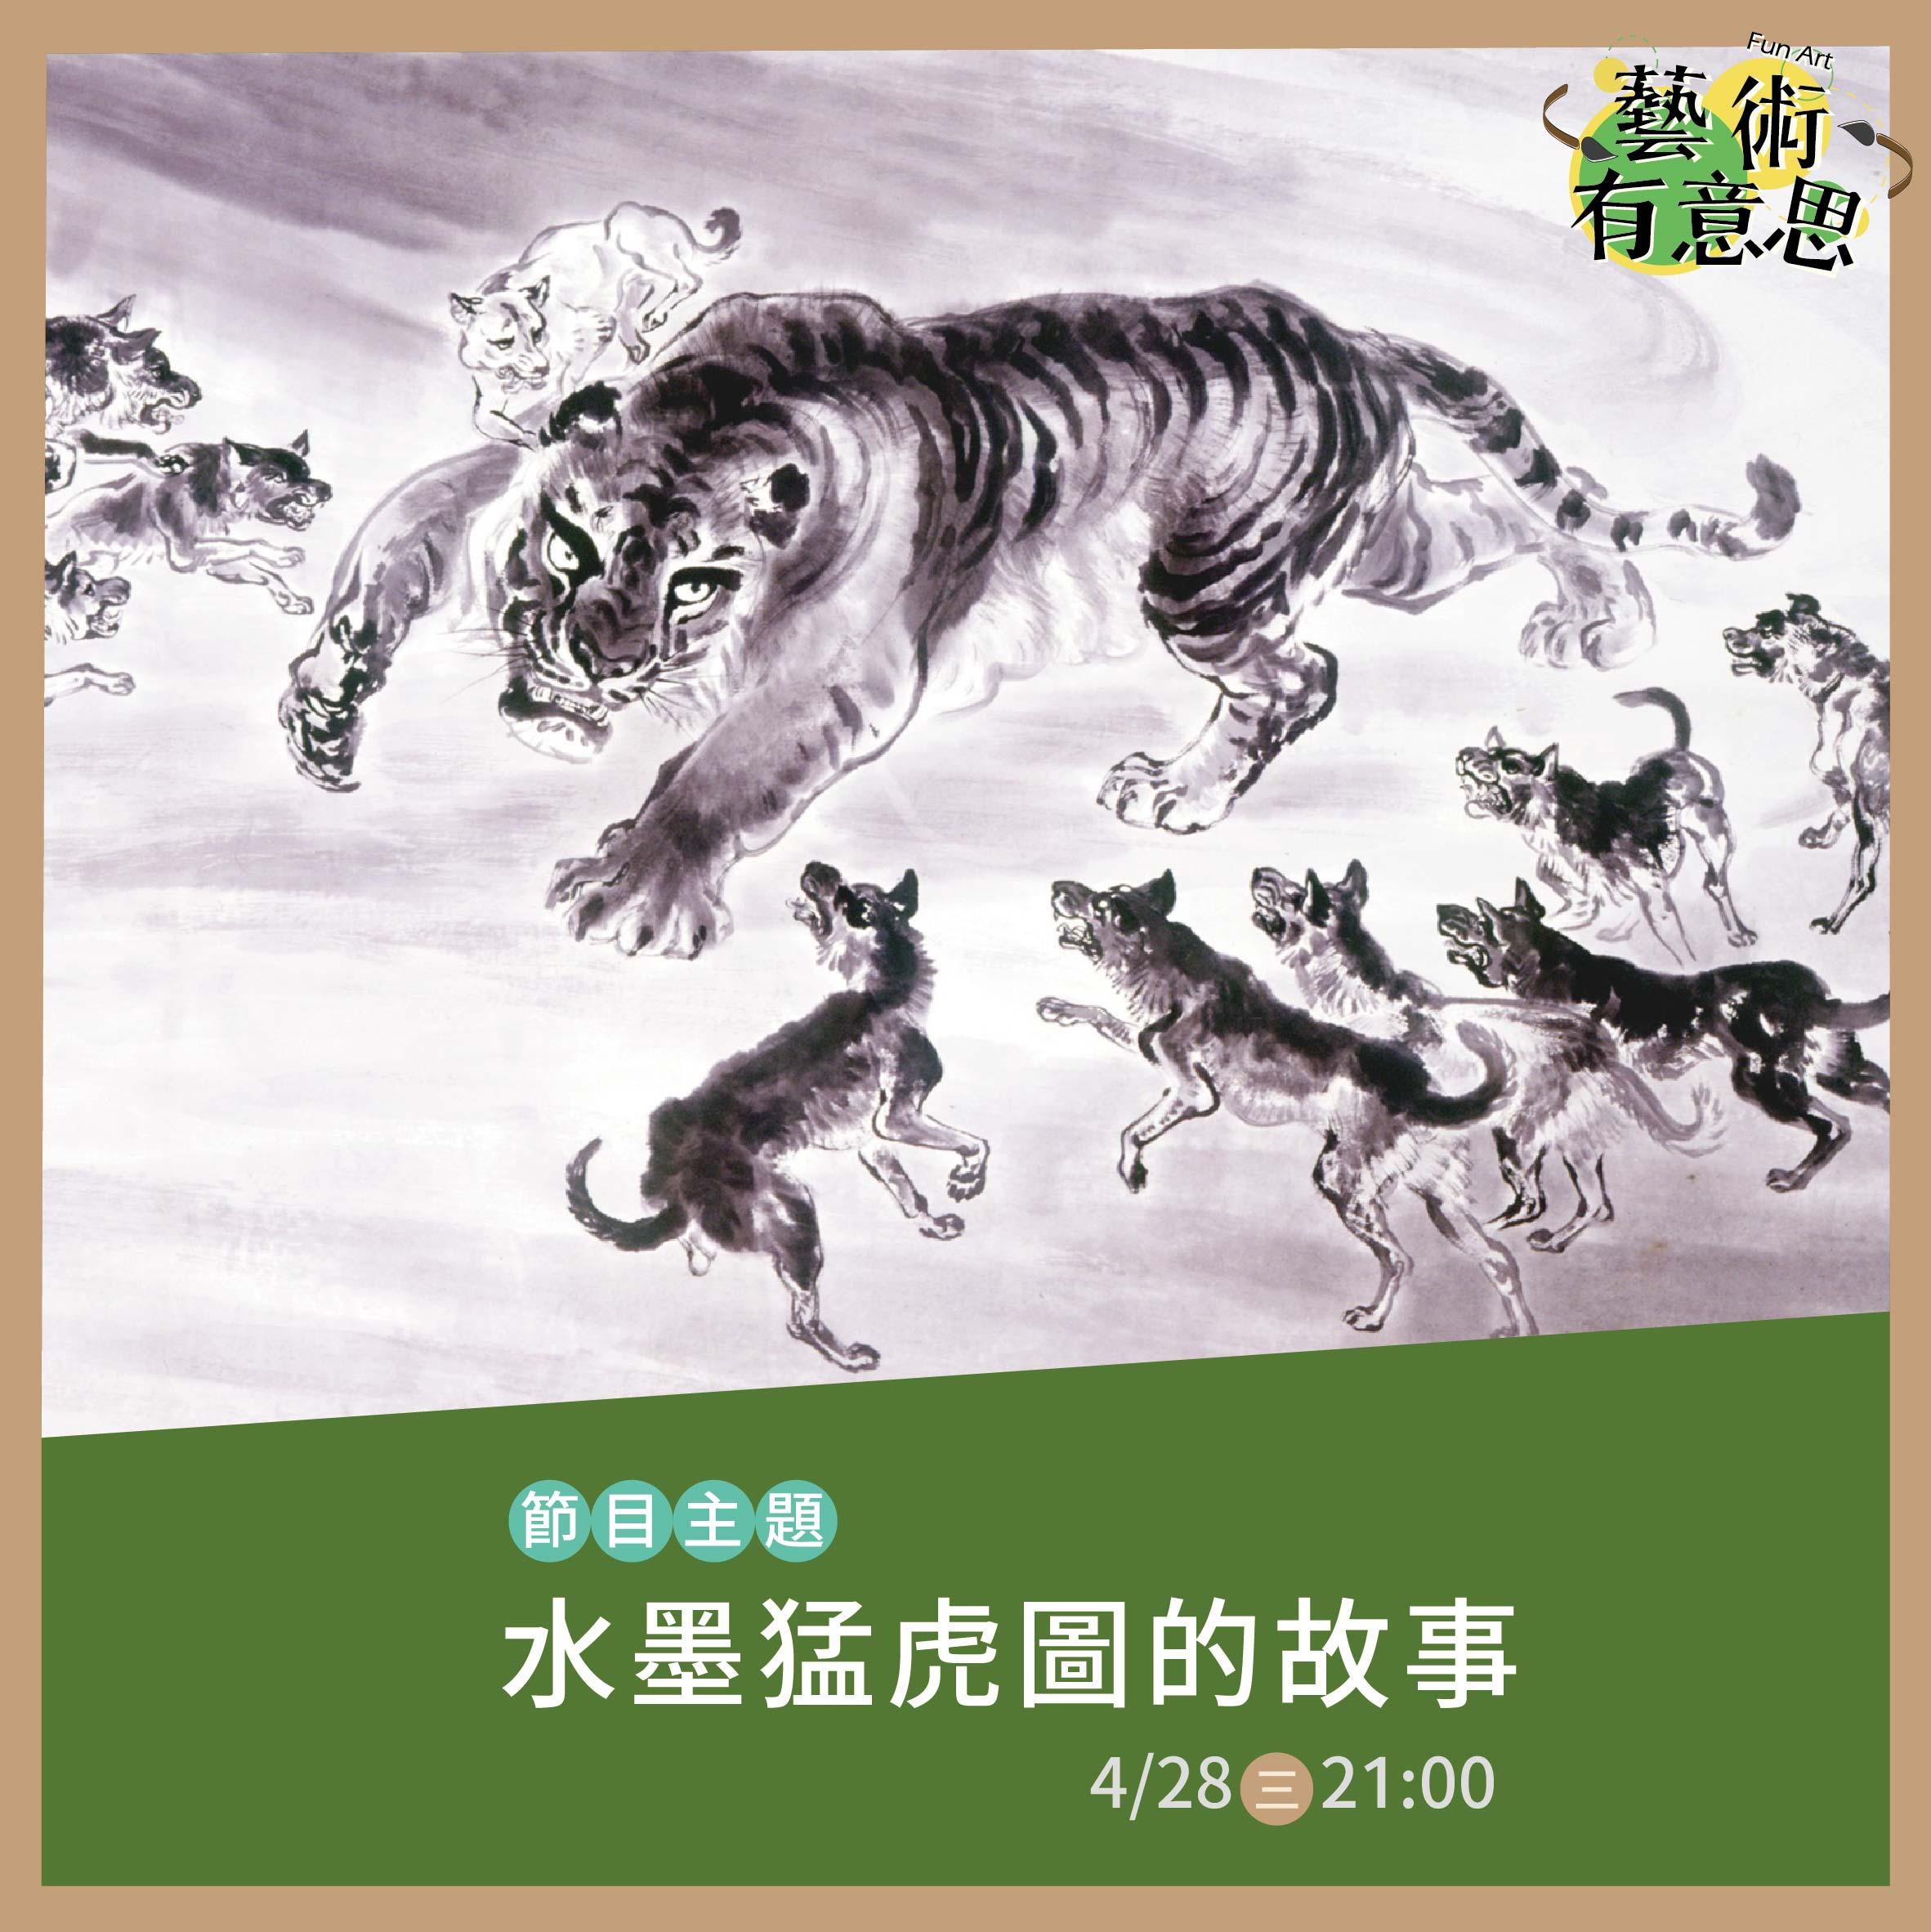 藝術有意思Ep34-水墨猛虎圖的故事